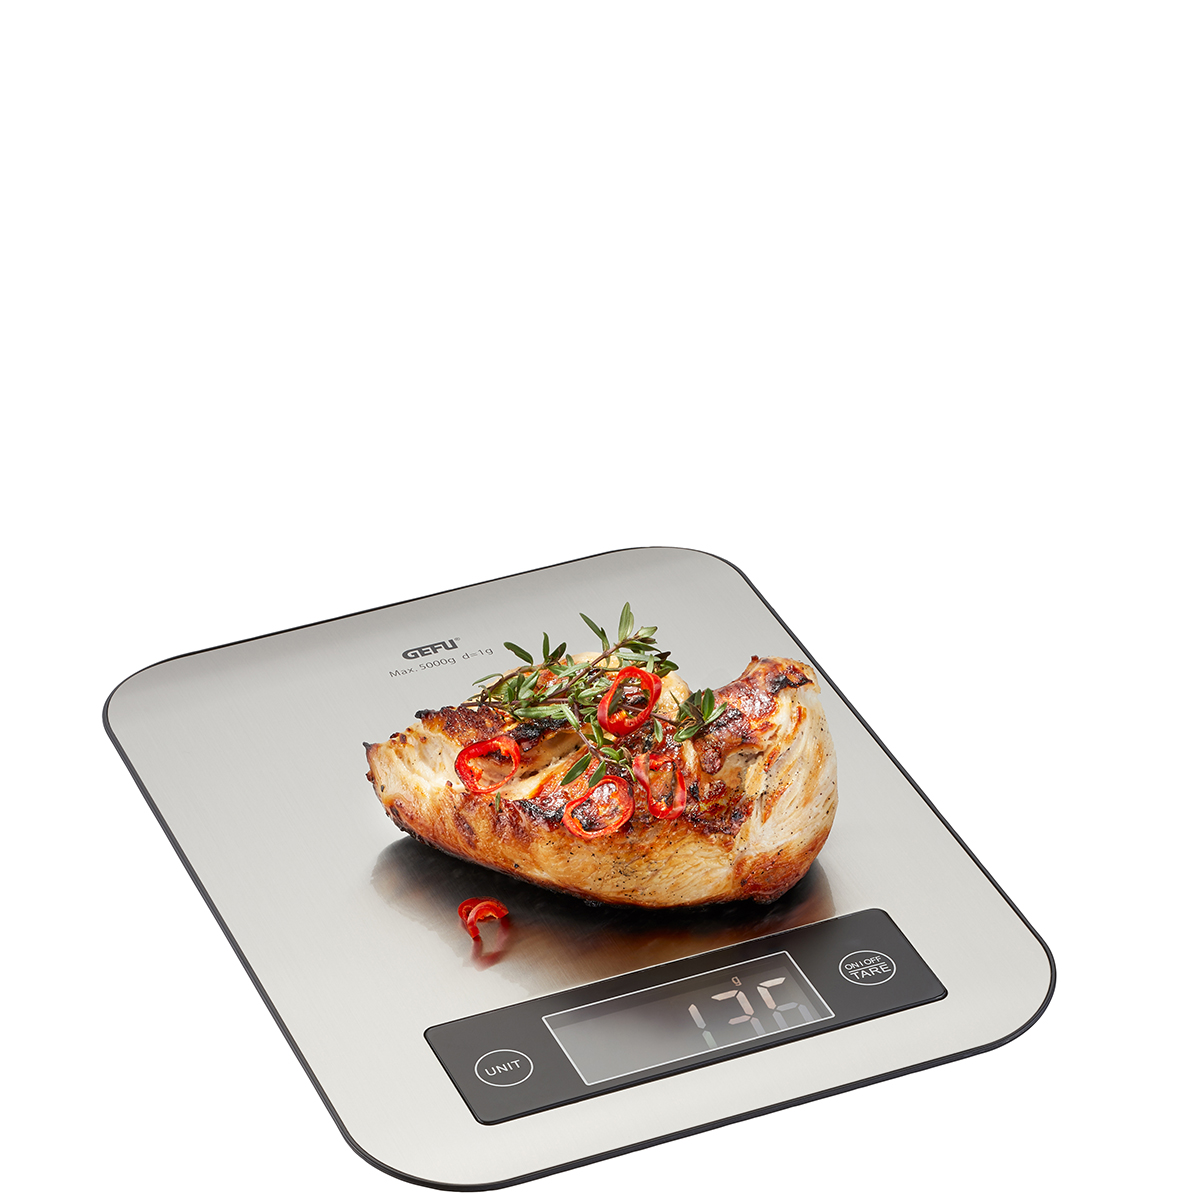 Онлайн каталог PROMENU: Весы электронные GEFU SCORE  Bluetooth Kitchen Scales, 21,4 х 16,5 х 1,7 см  21930